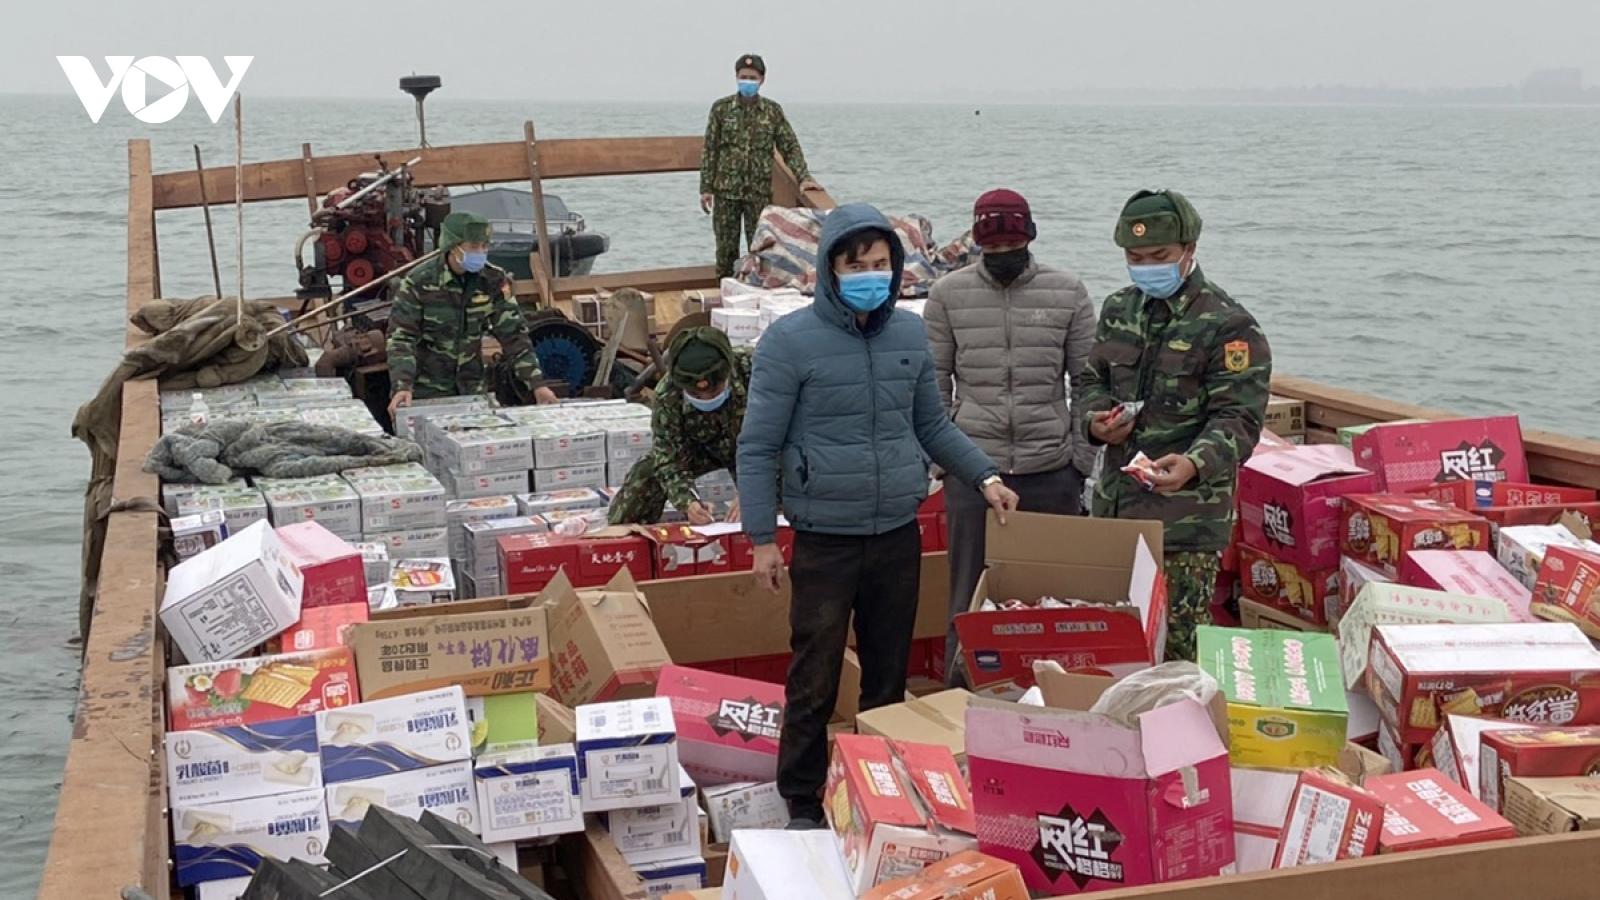 Quảng Ninhcách ly 2 thuyền viênvận chuyển hàng hóa nhập lậu qua vùng biển